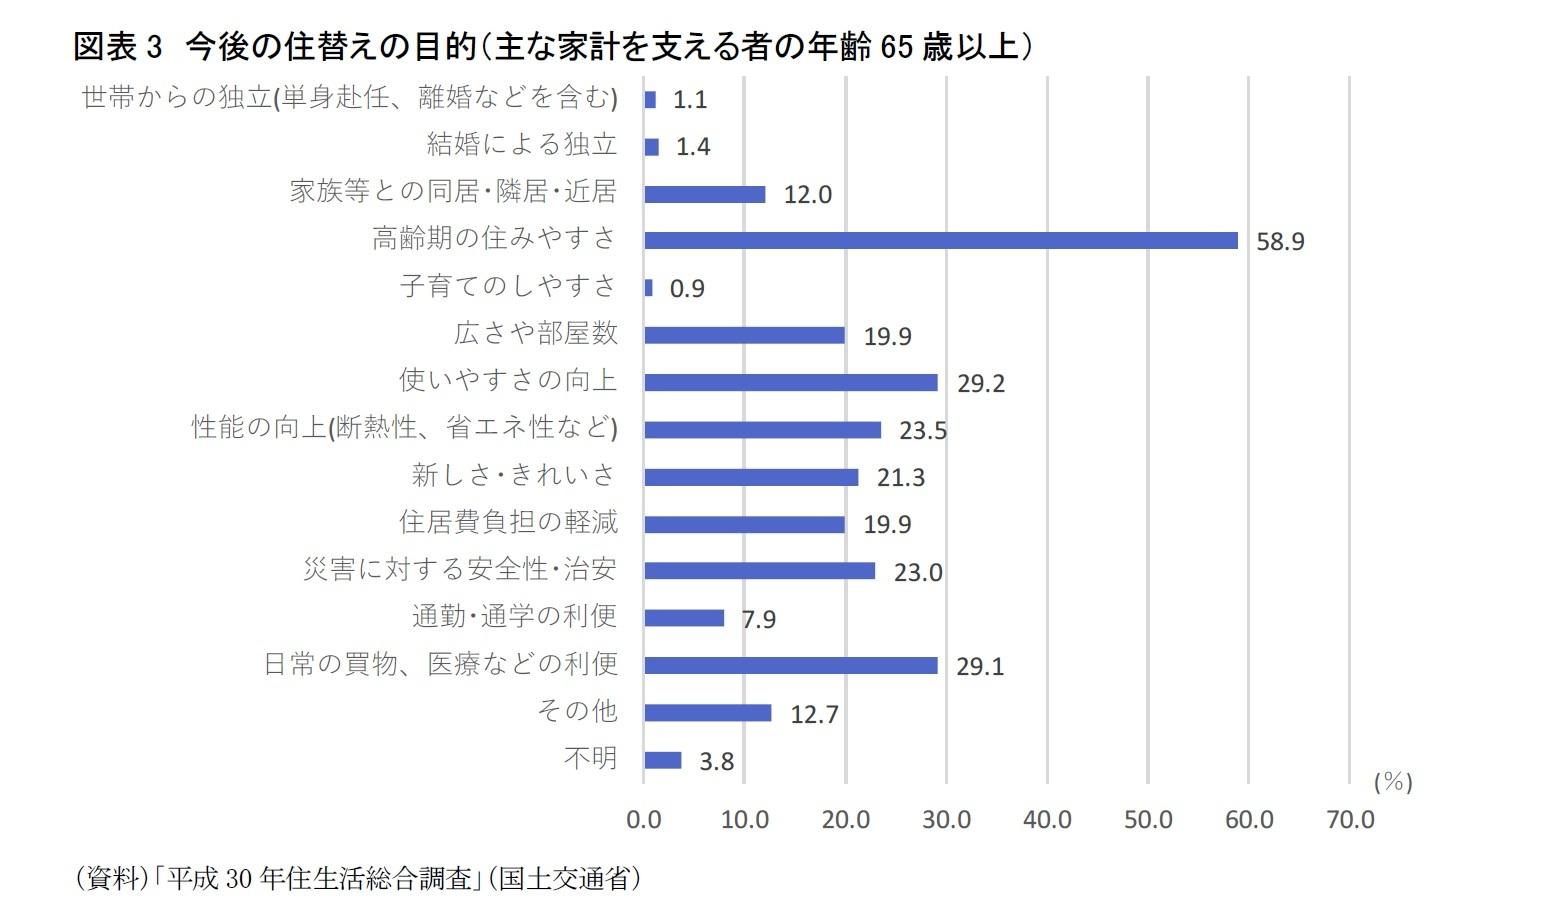 図表3 今後の住替えの目的(主な家計を支える者の年齢65歳以上)